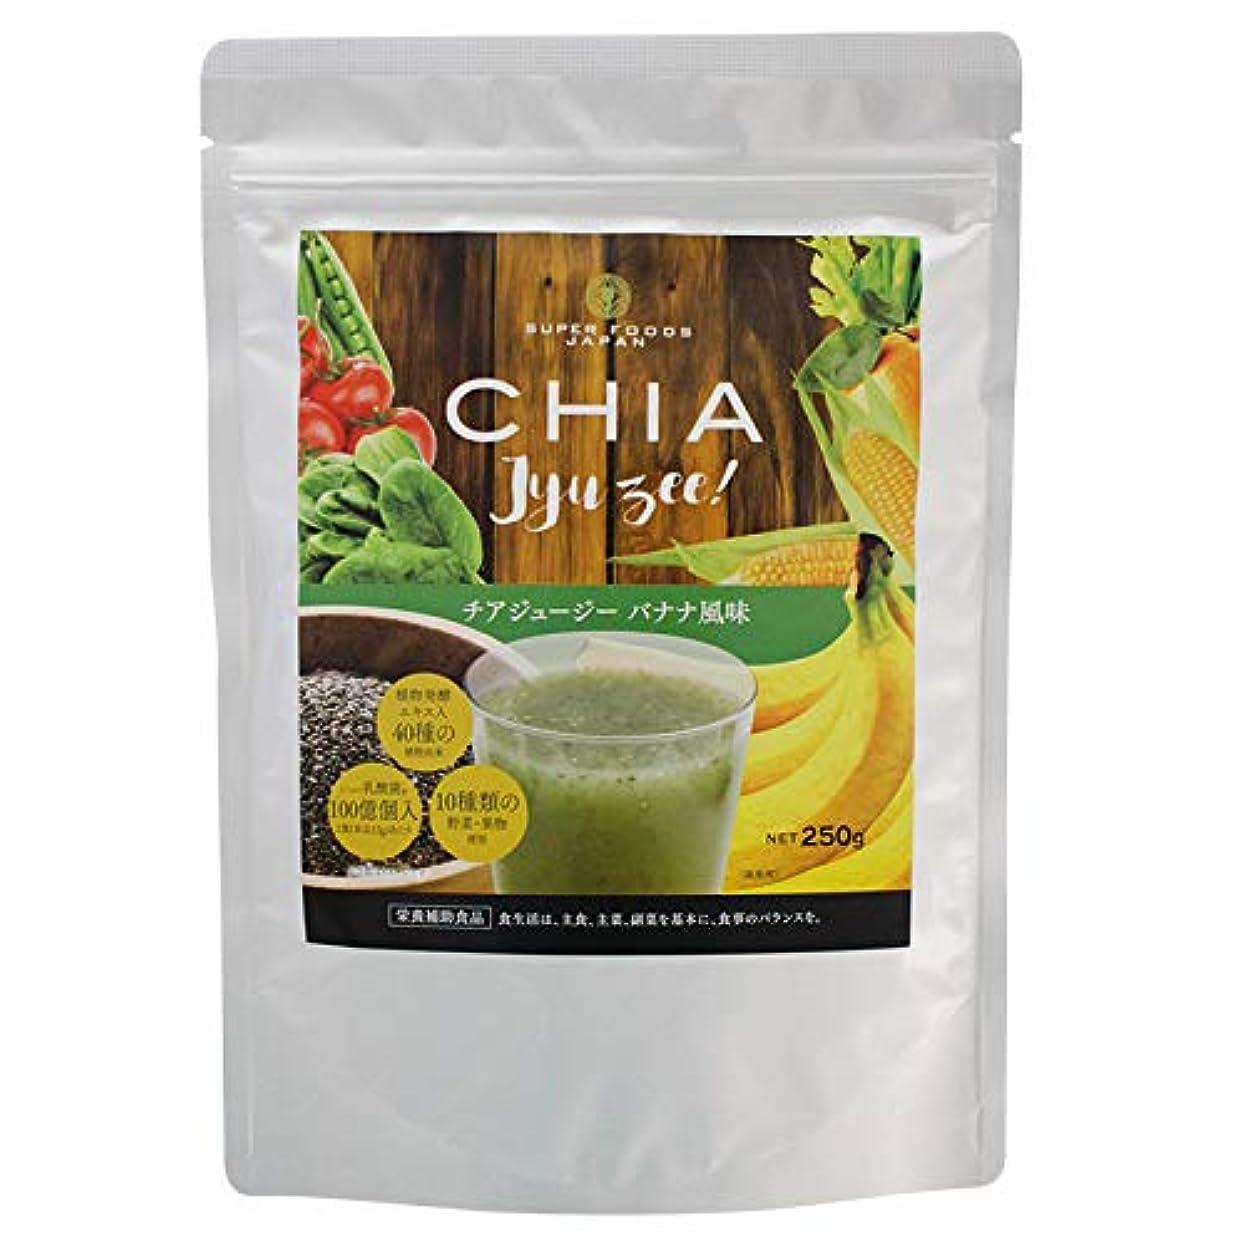 優先うまくやる()ほうきチアジュージー バナナ風味 250g ダイエット スムージー 酵素 チアシード 食物繊維 乳酸菌